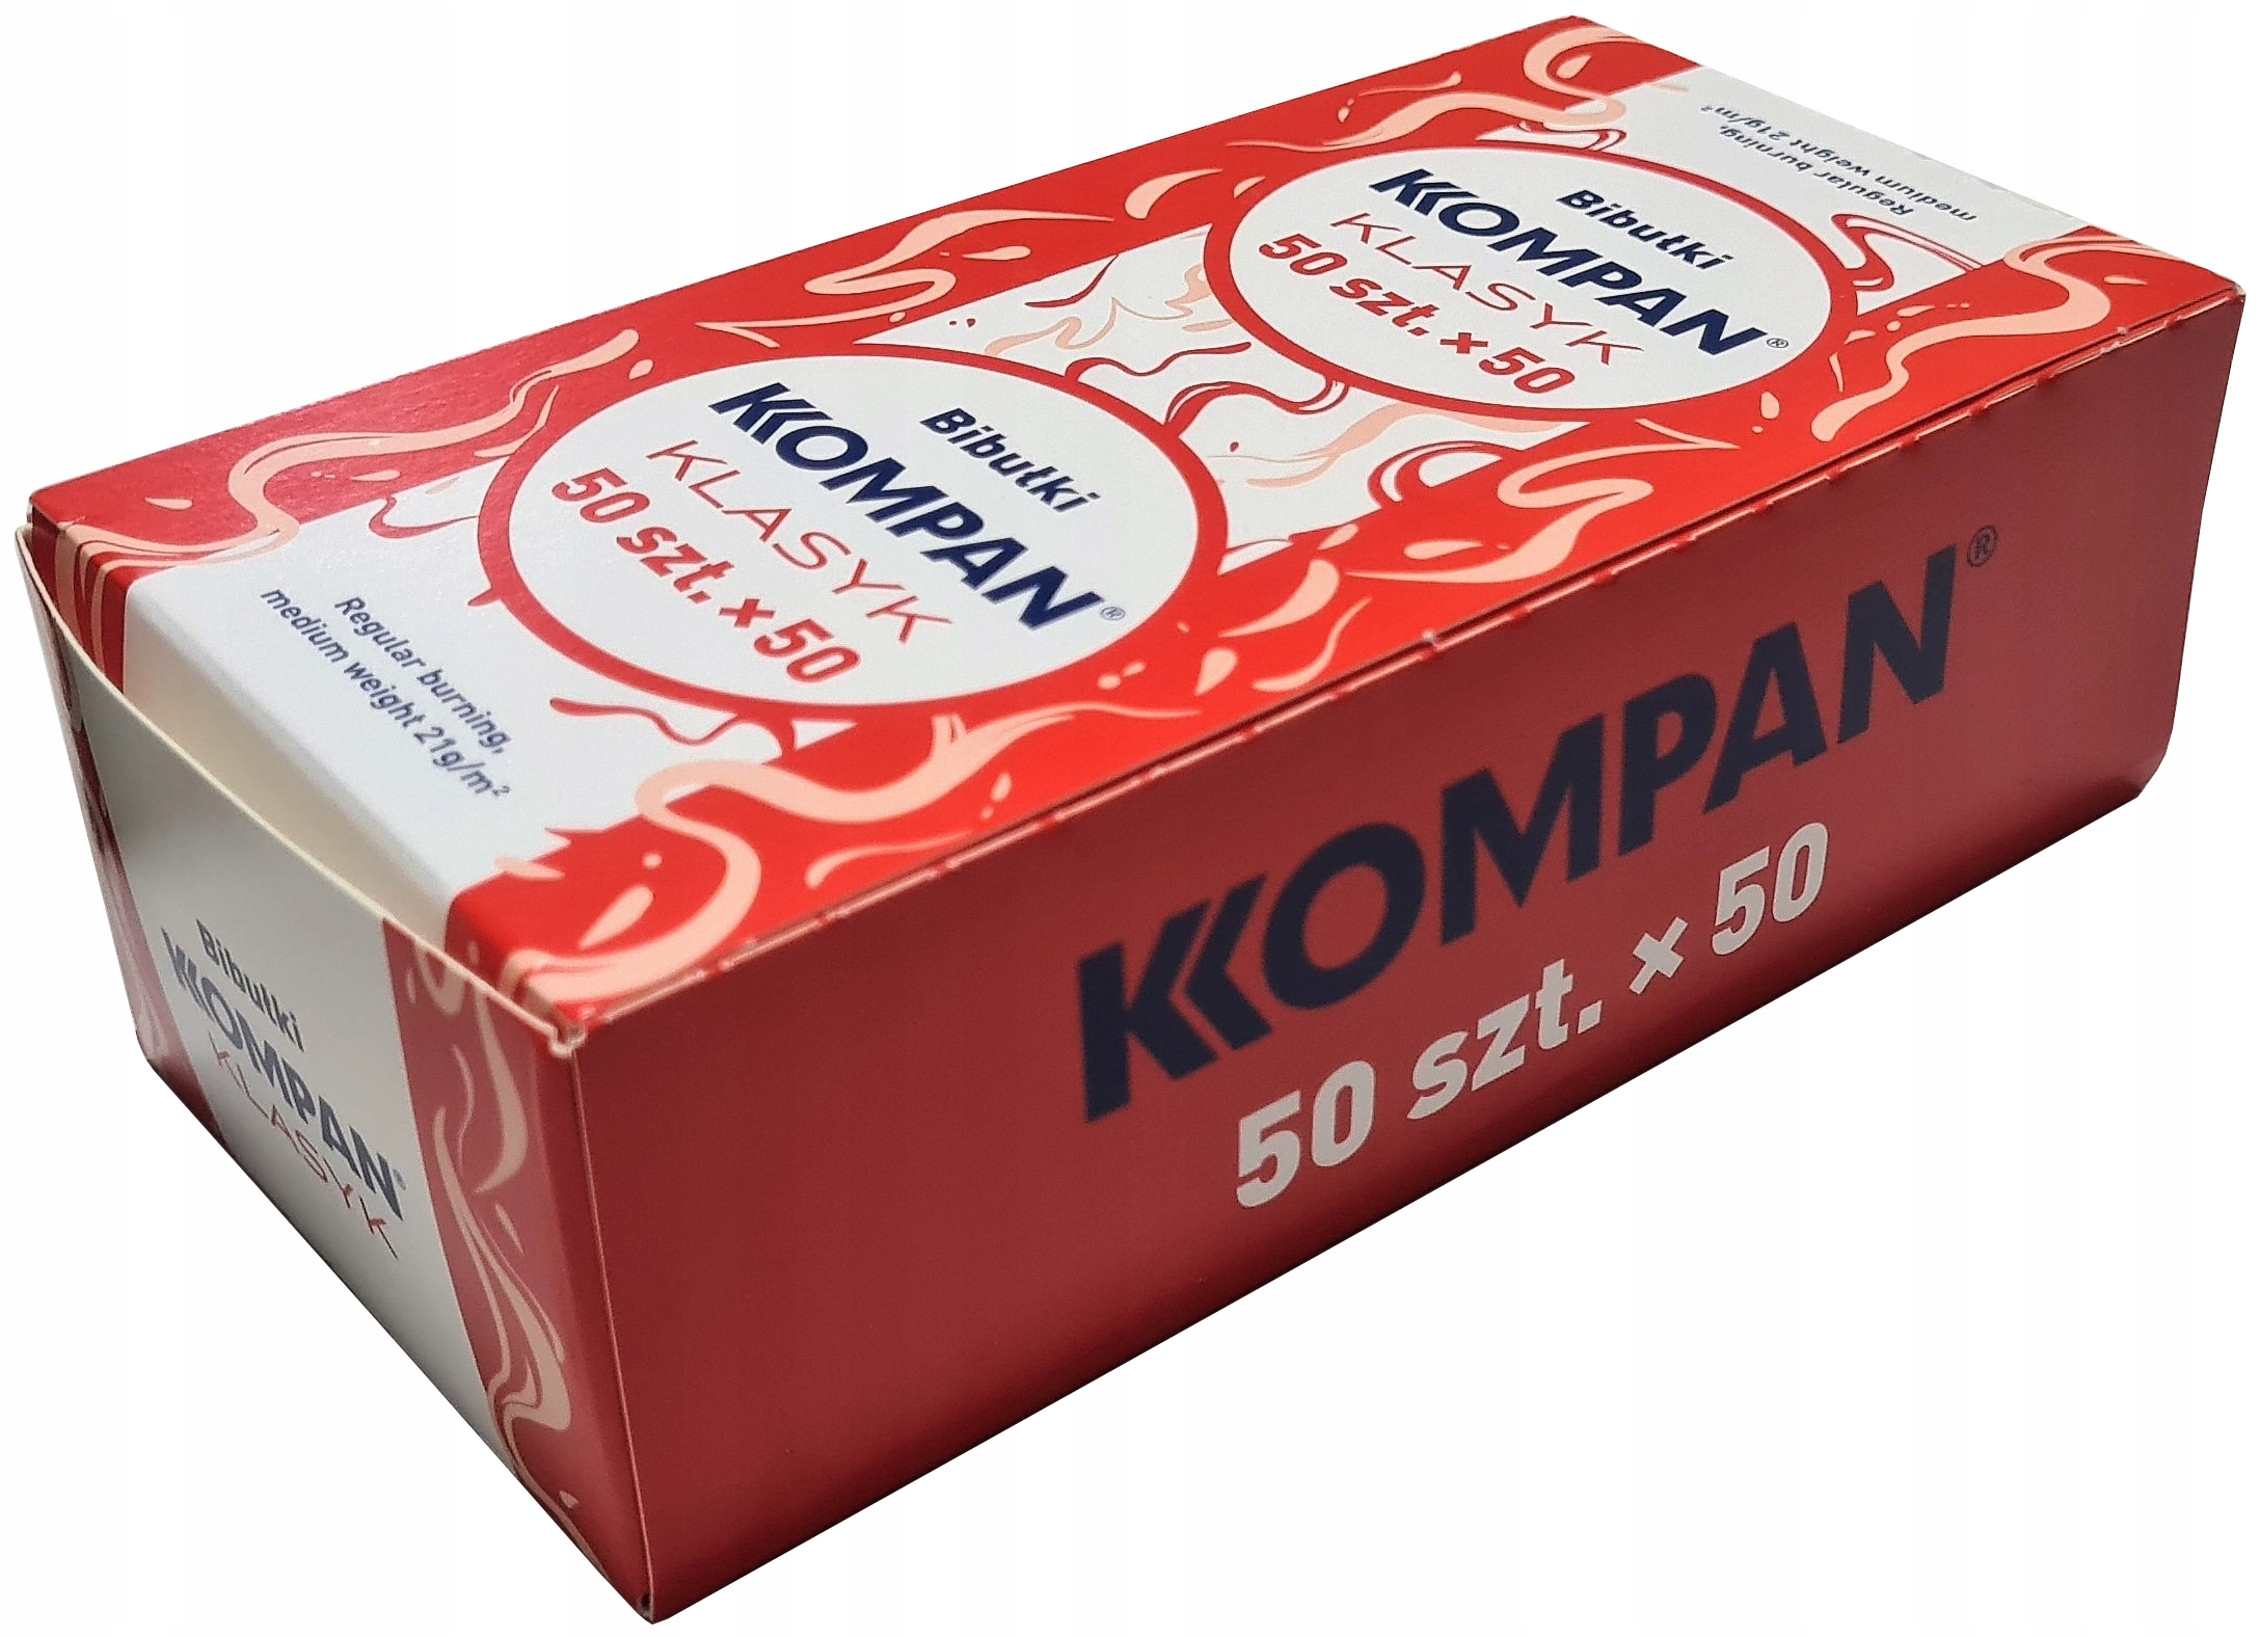 50x Бумага тканевая KOMPAN Klasyk 50 шт.